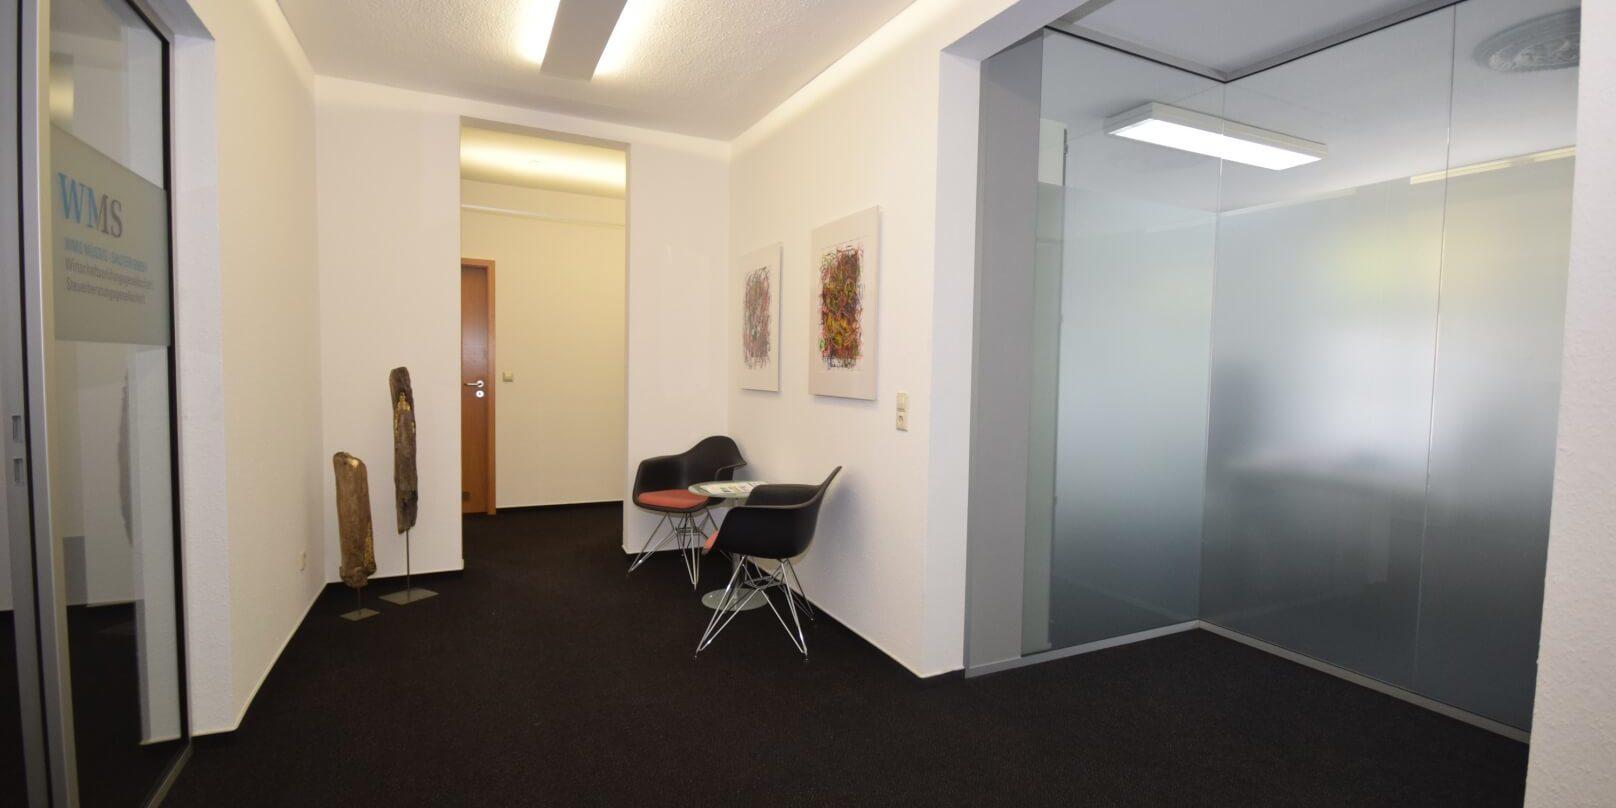 Der Eingangsbereich der von uns verkauften Immobilie in Ravensburg